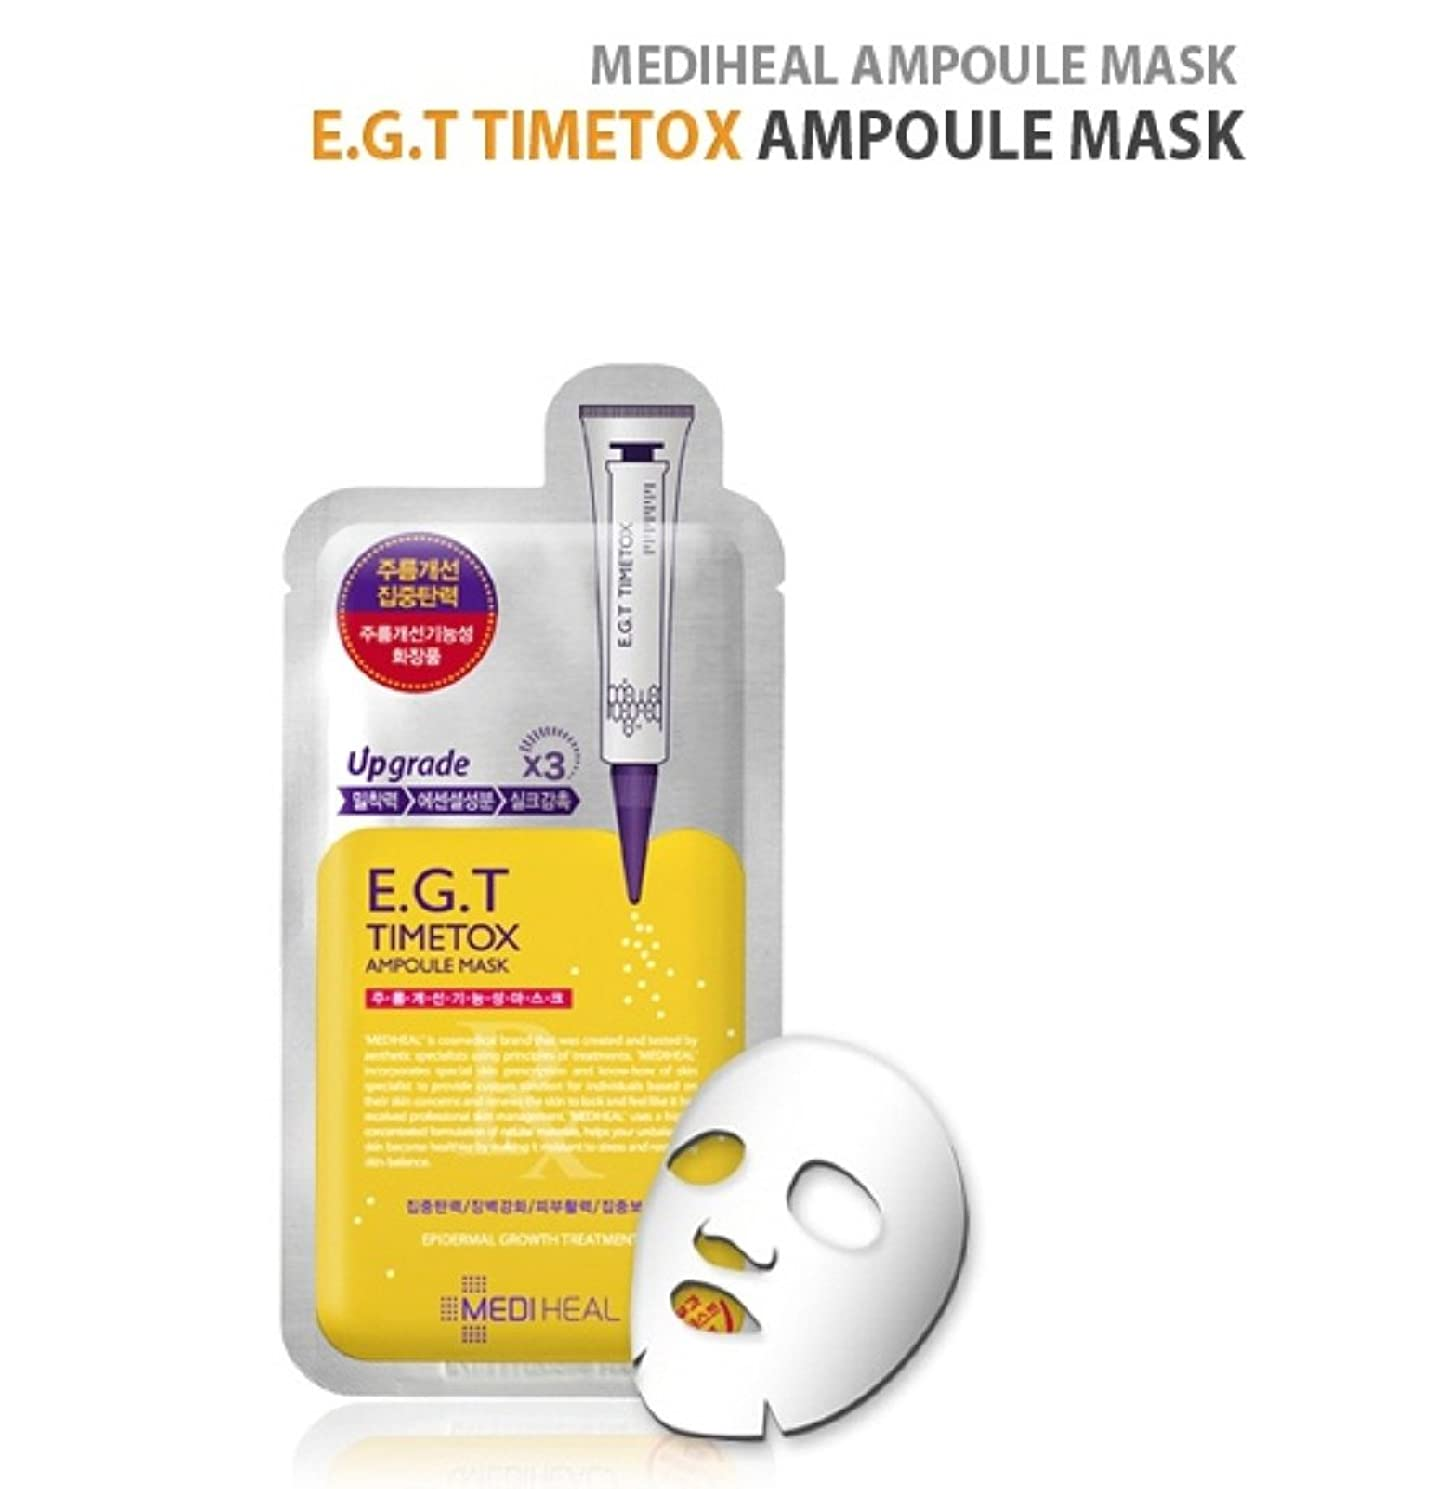 議題レジ囲む【メディヒール】Timetoxアンプルマスクパック (10枚)5Upgrade MEDIHEAL E.G.T Timetox Ampule Mask Pack REX 10 piece [並行輸入品]